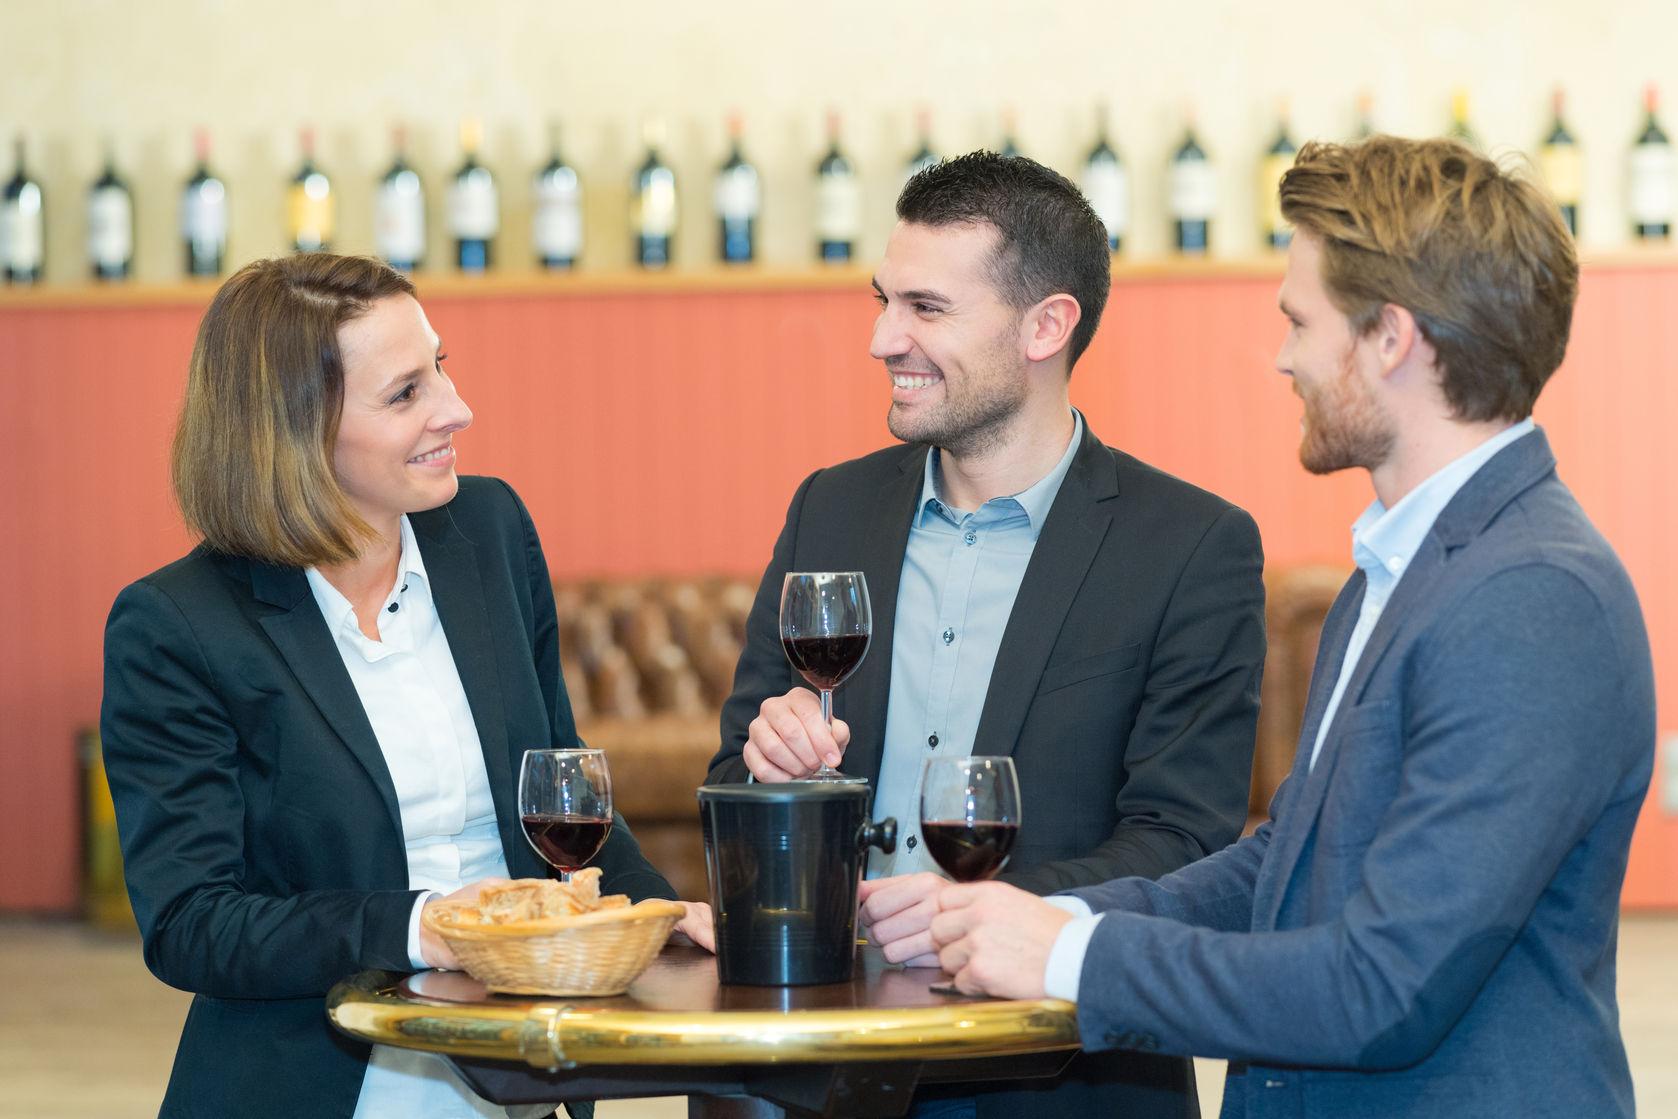 Menschen am Bistrotisch mit Wein